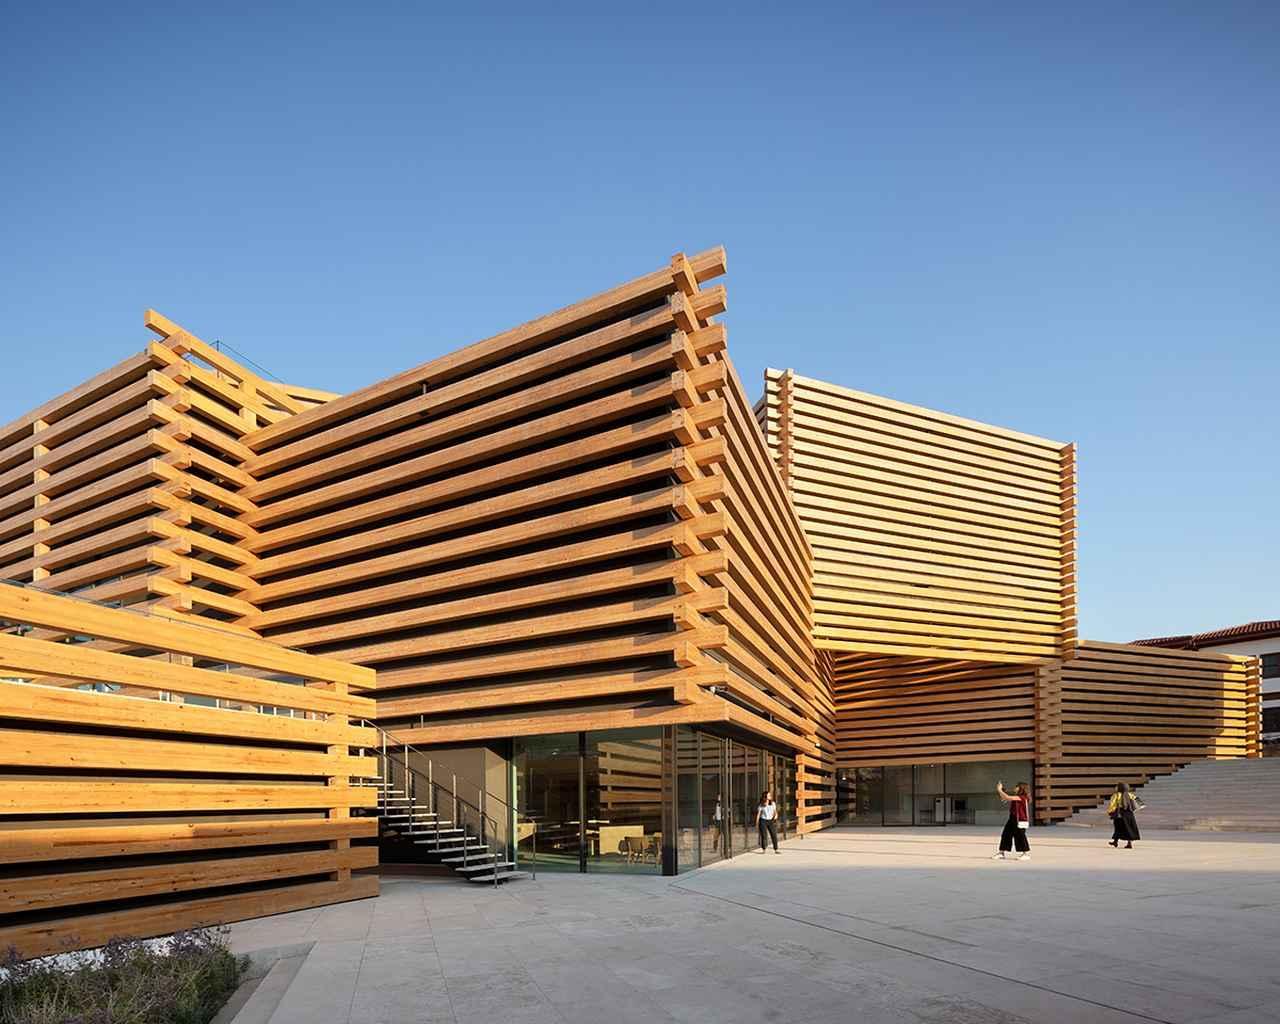 隈研吾の建築がトルコに出現。オーナー、建築家、市民が、未来を夢みる ...